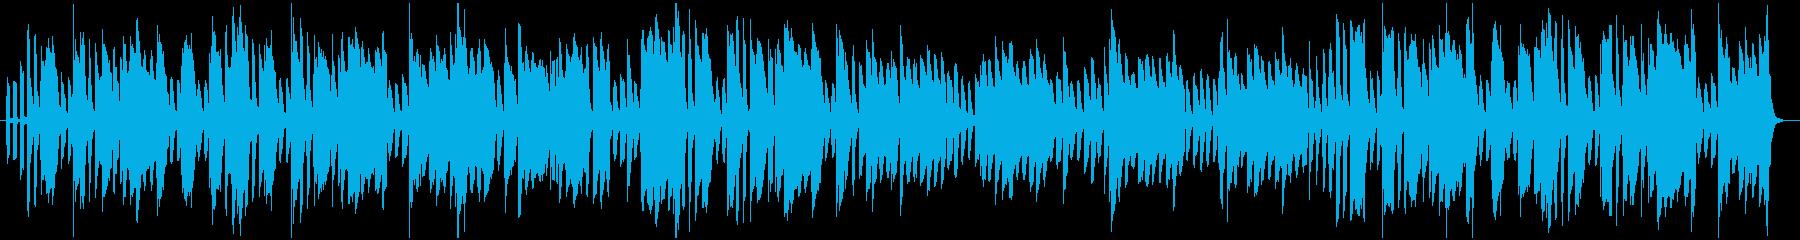 リコーダーメインの日常ほのぼの系ですの再生済みの波形